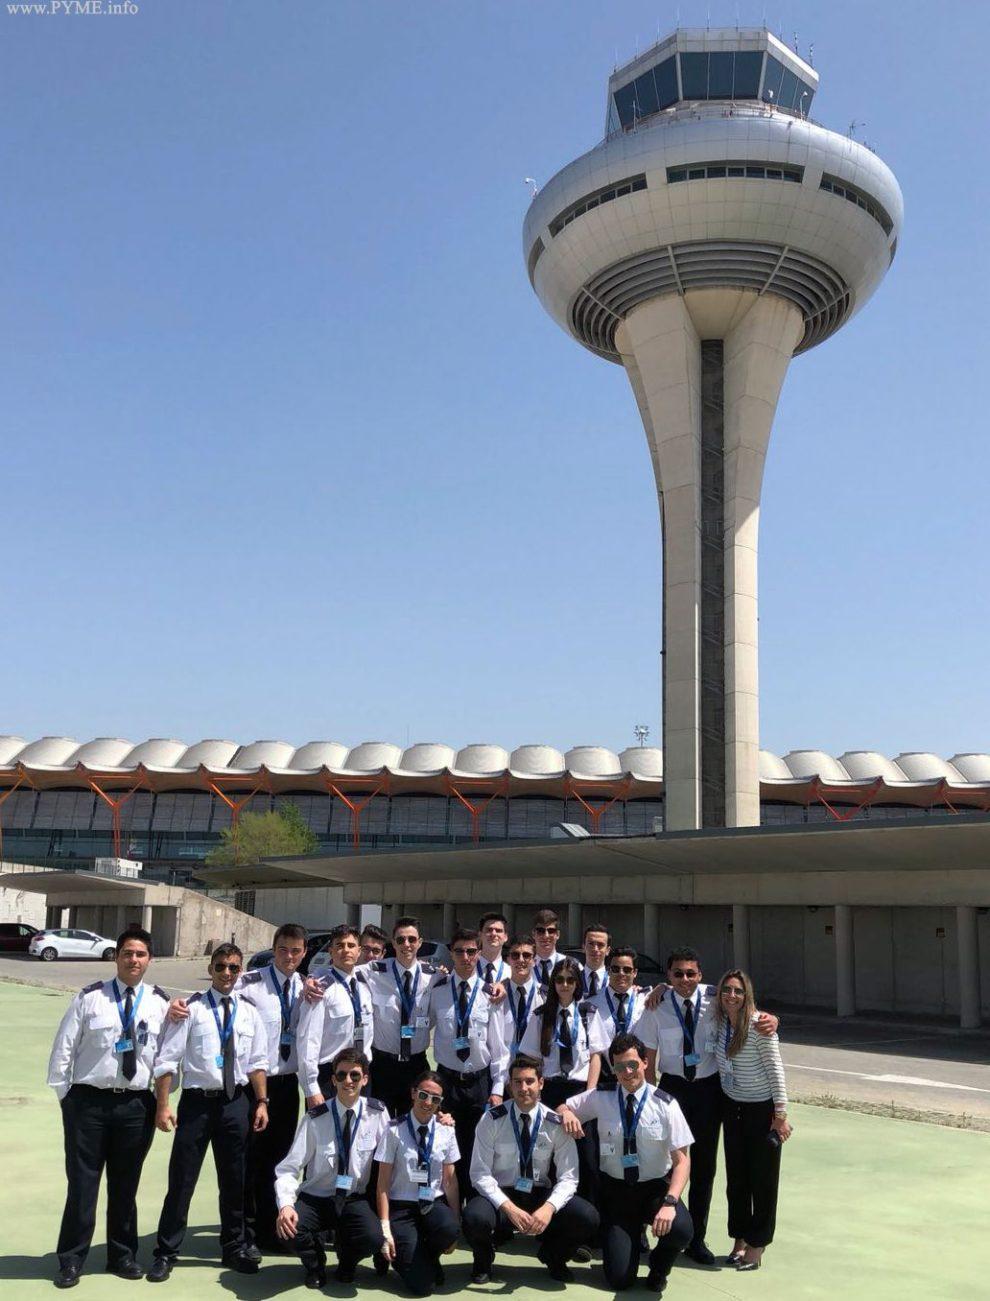 Los alumnos de Adventia frente a la torre de control de Barajas poco antes de subir a ella.